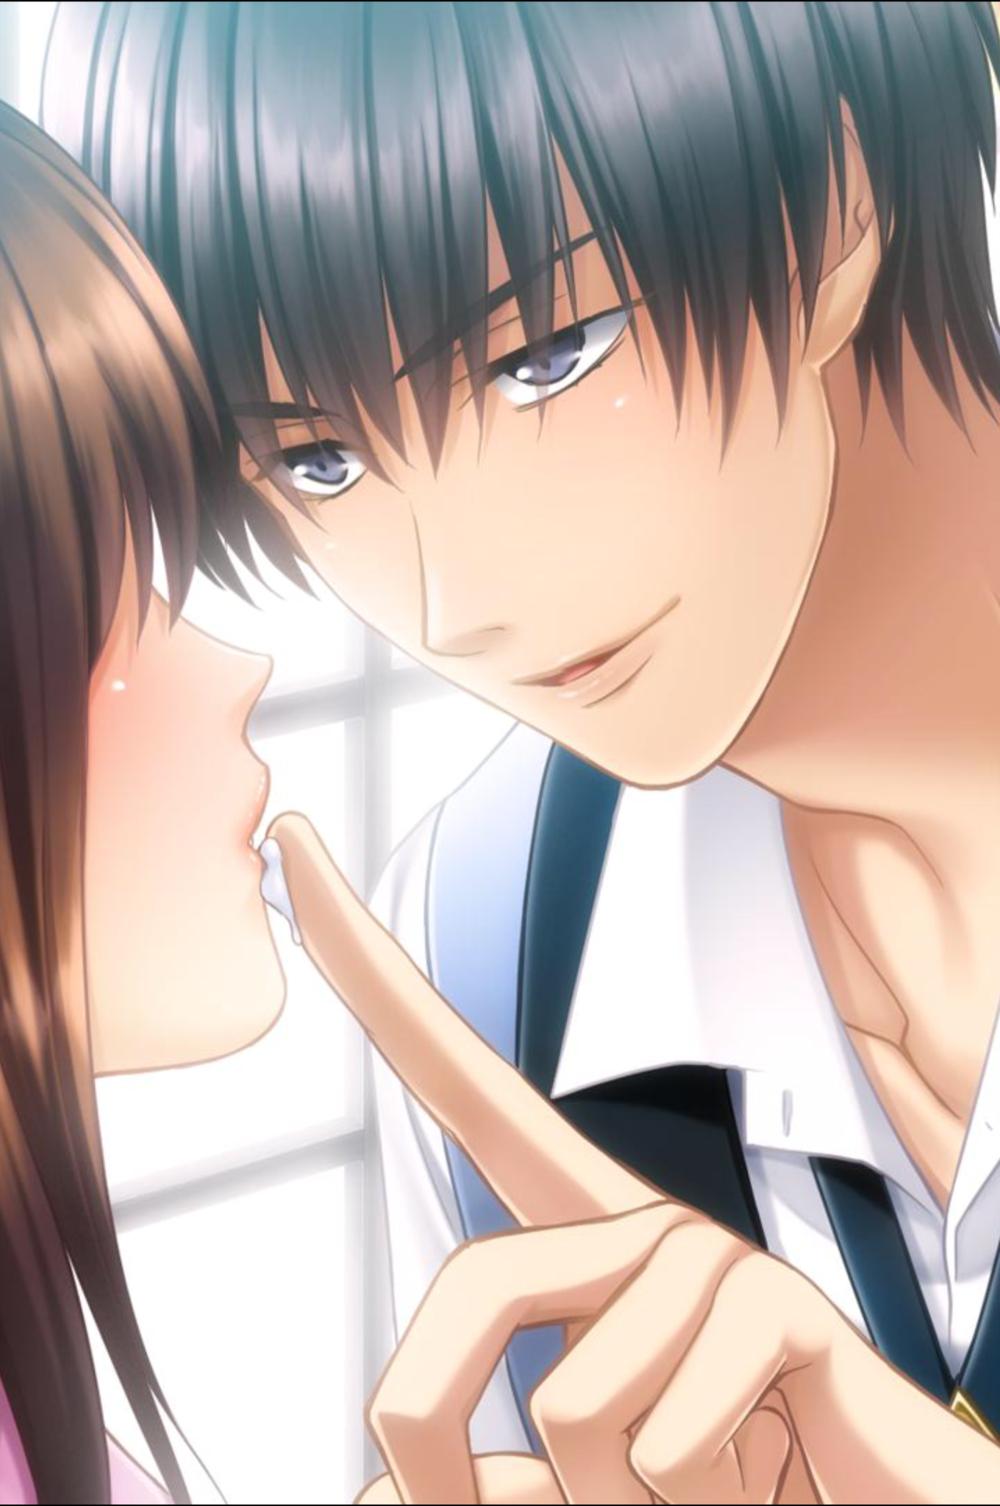 Makoto: Chapter 1